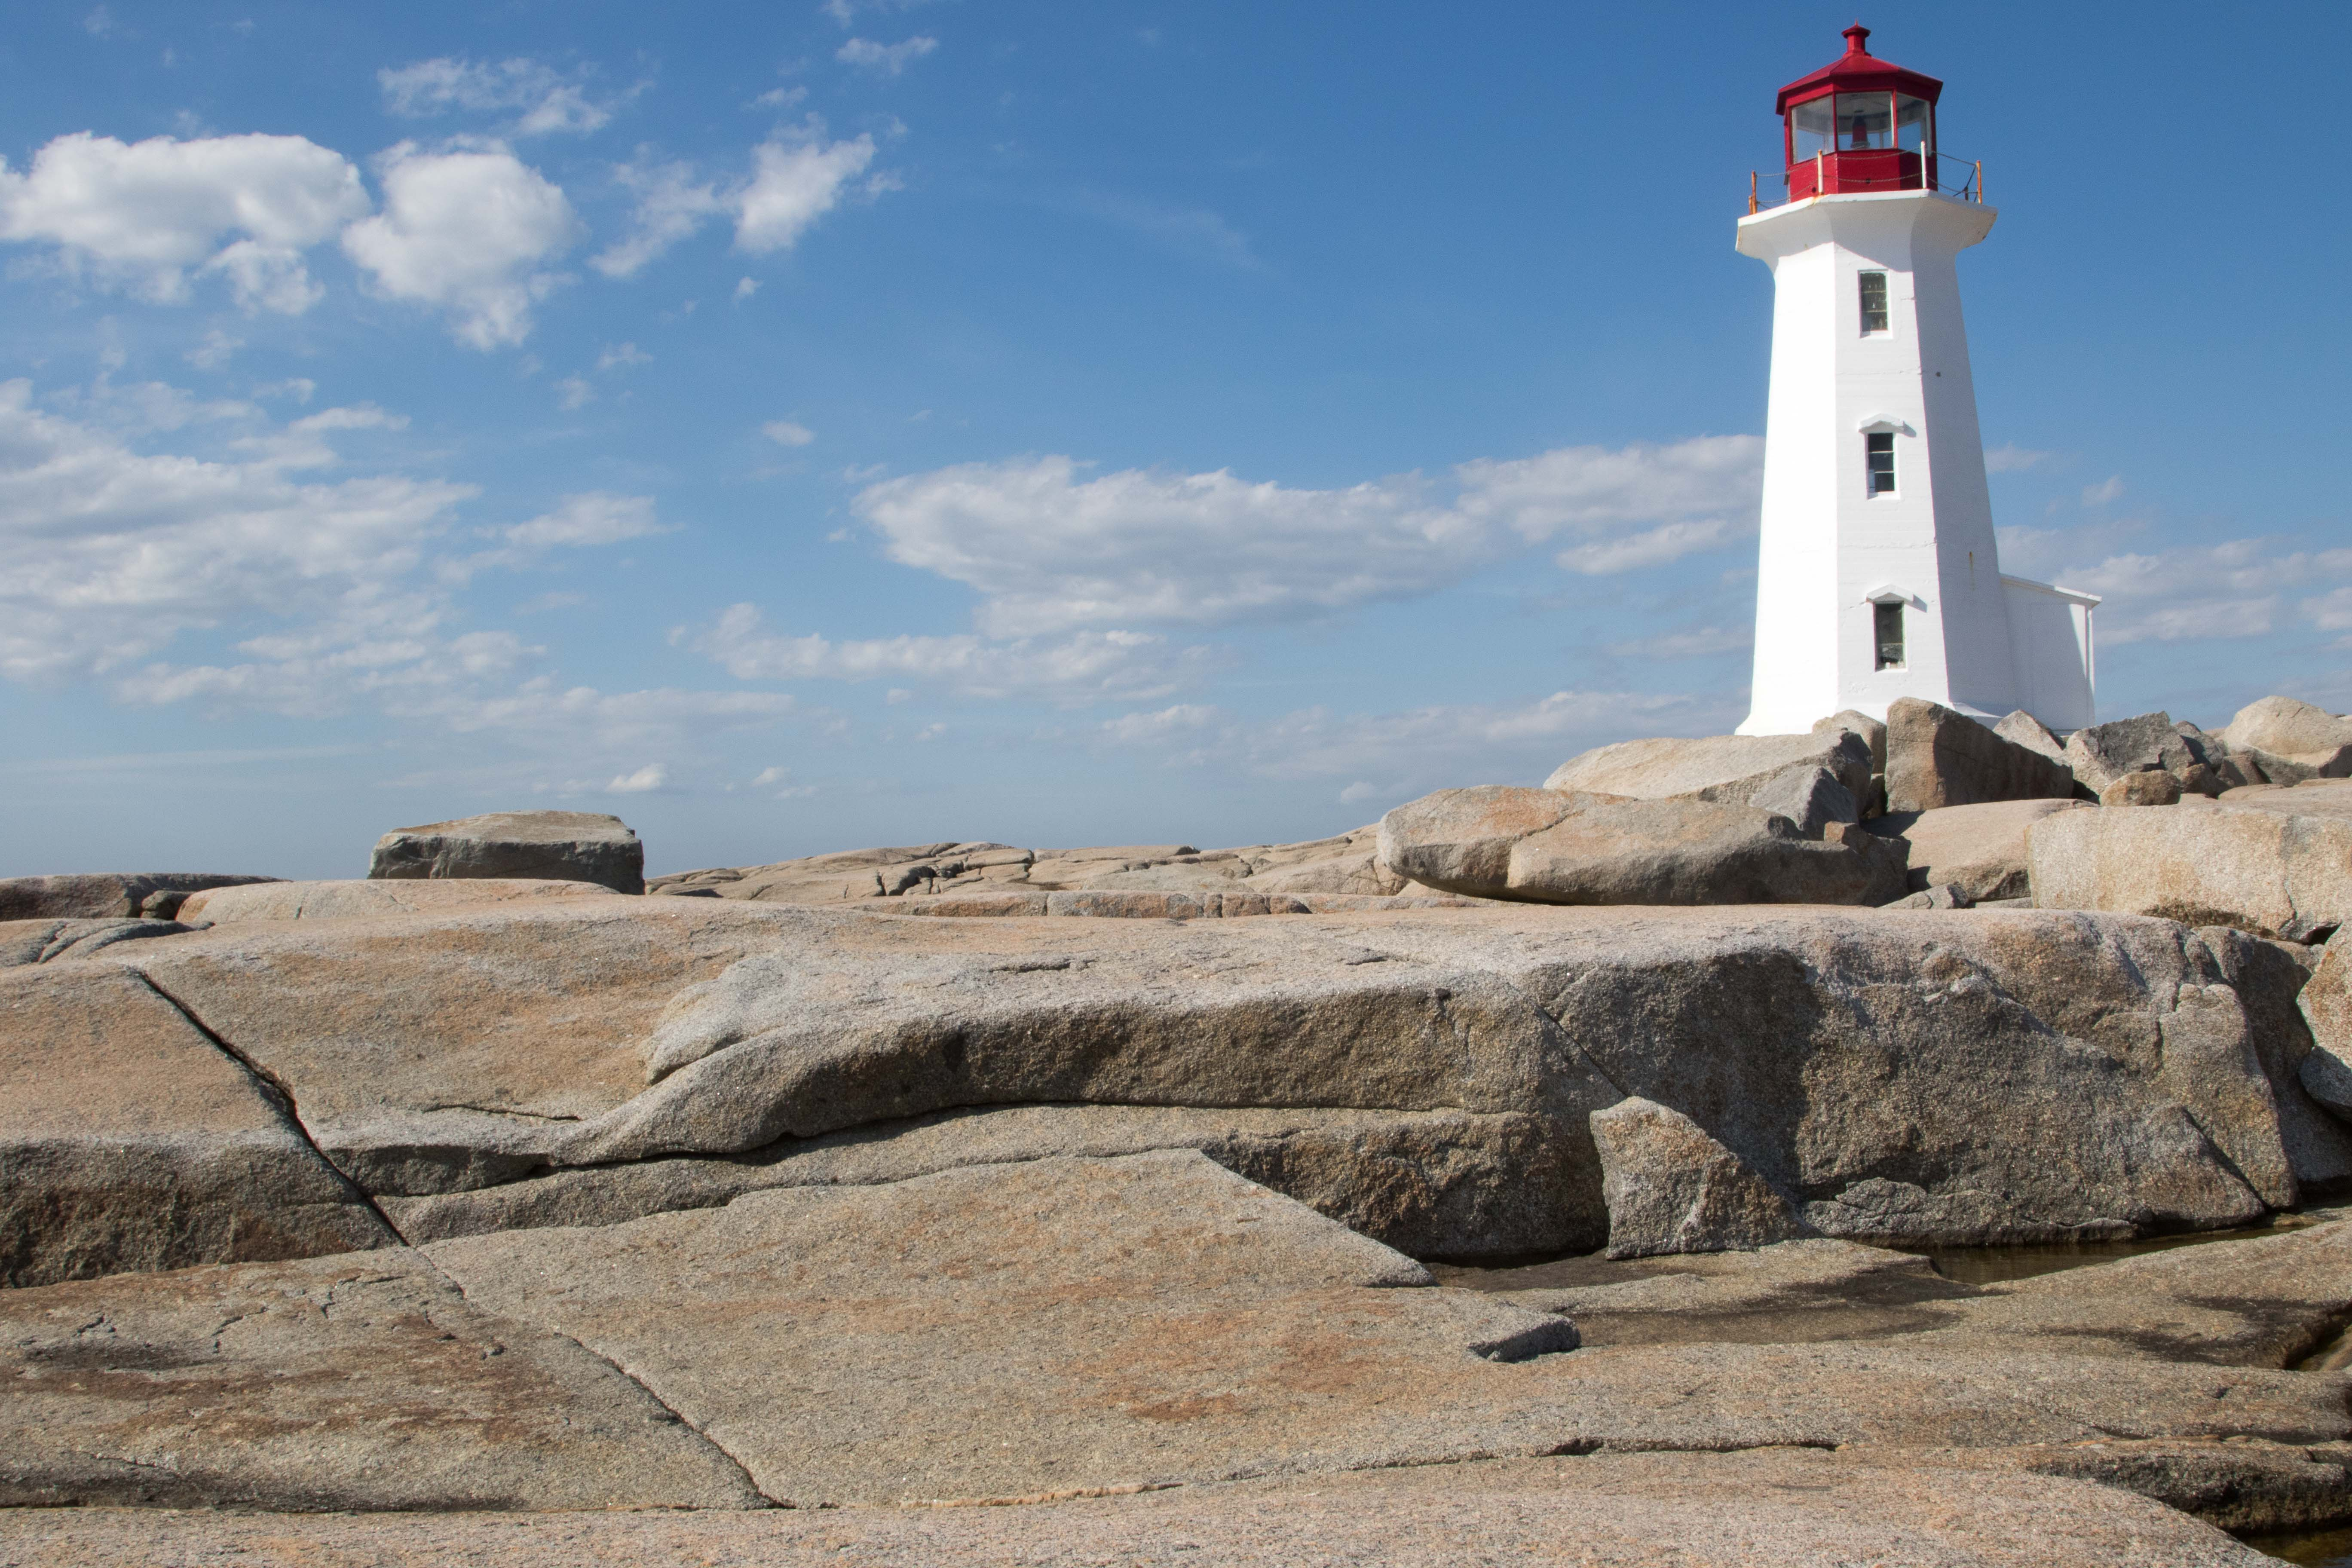 Weißer Riese mit rotem Käppchen, der Leuchtturm von Peggy's Cove aus der Nähe.